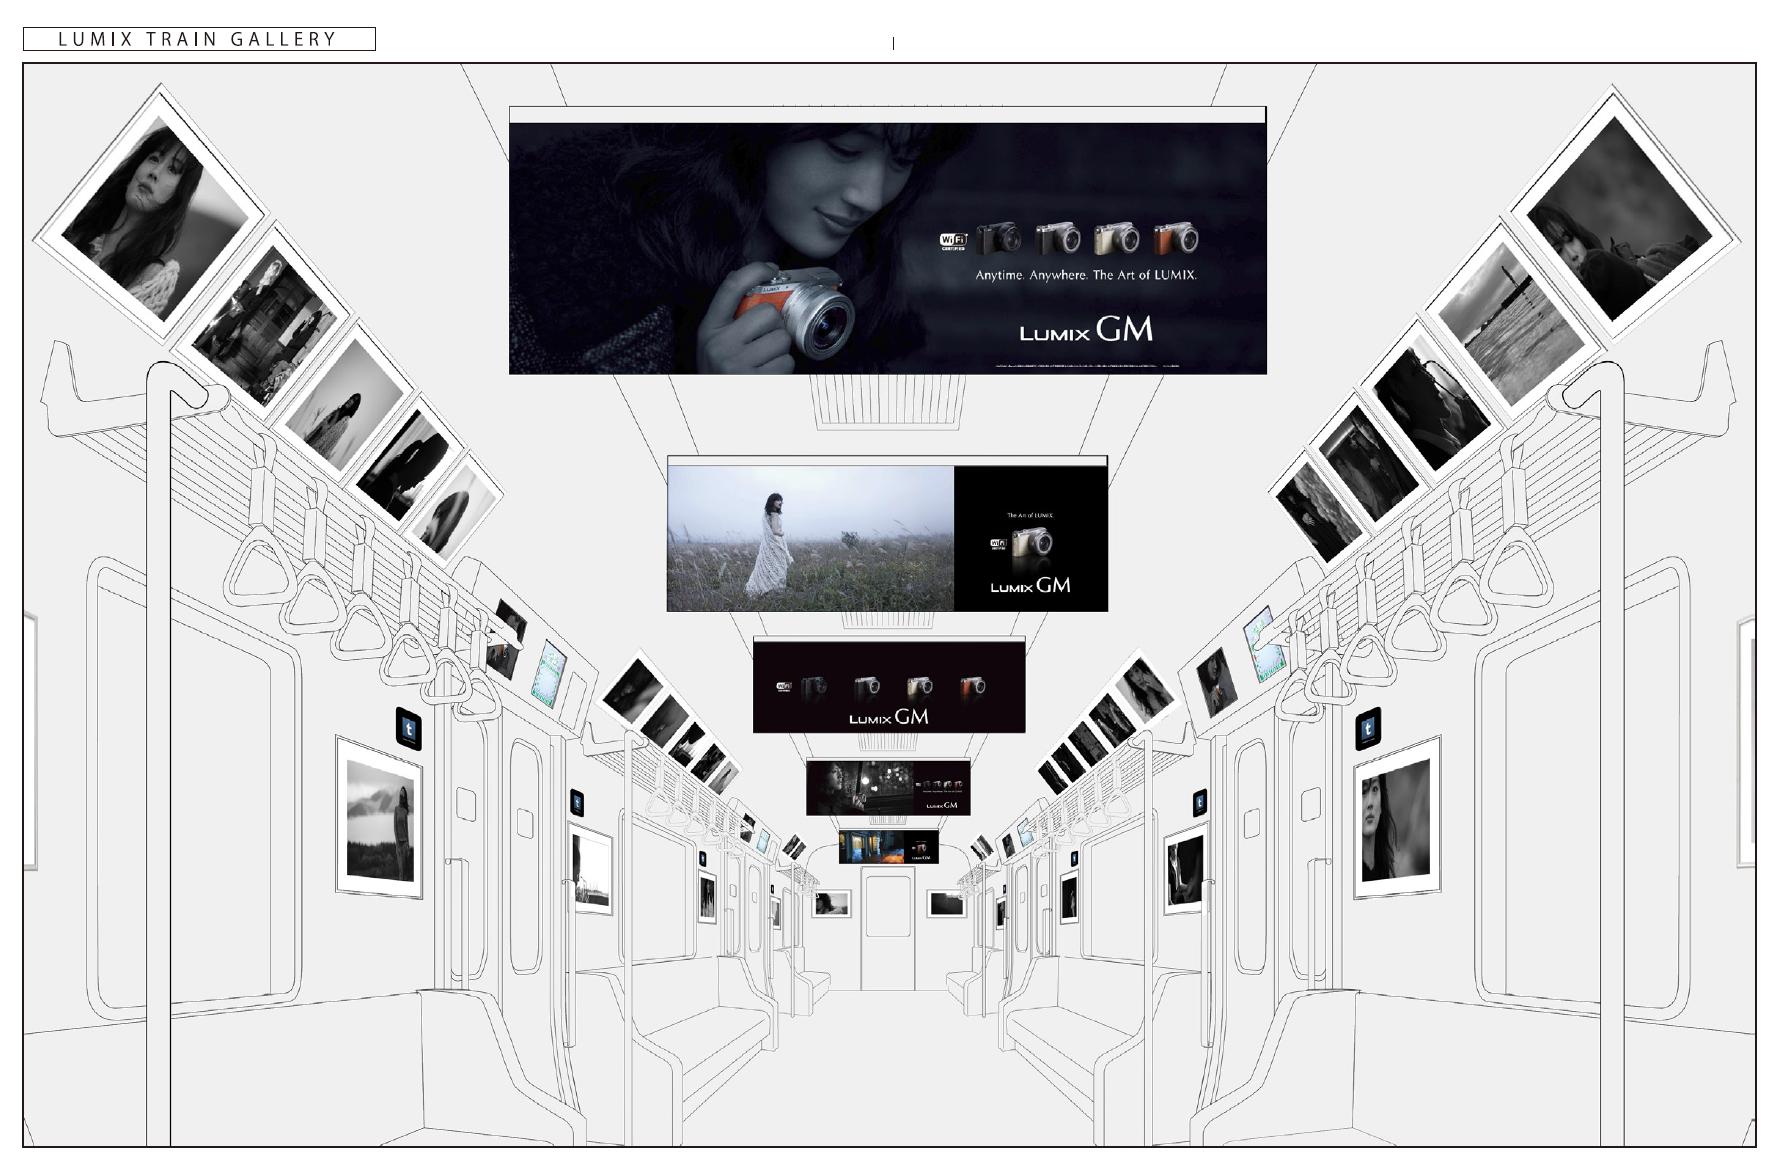 綾瀬はるかさんを新デジタル一眼カメラLUMIX「GM」で撮りおろした電車写真展